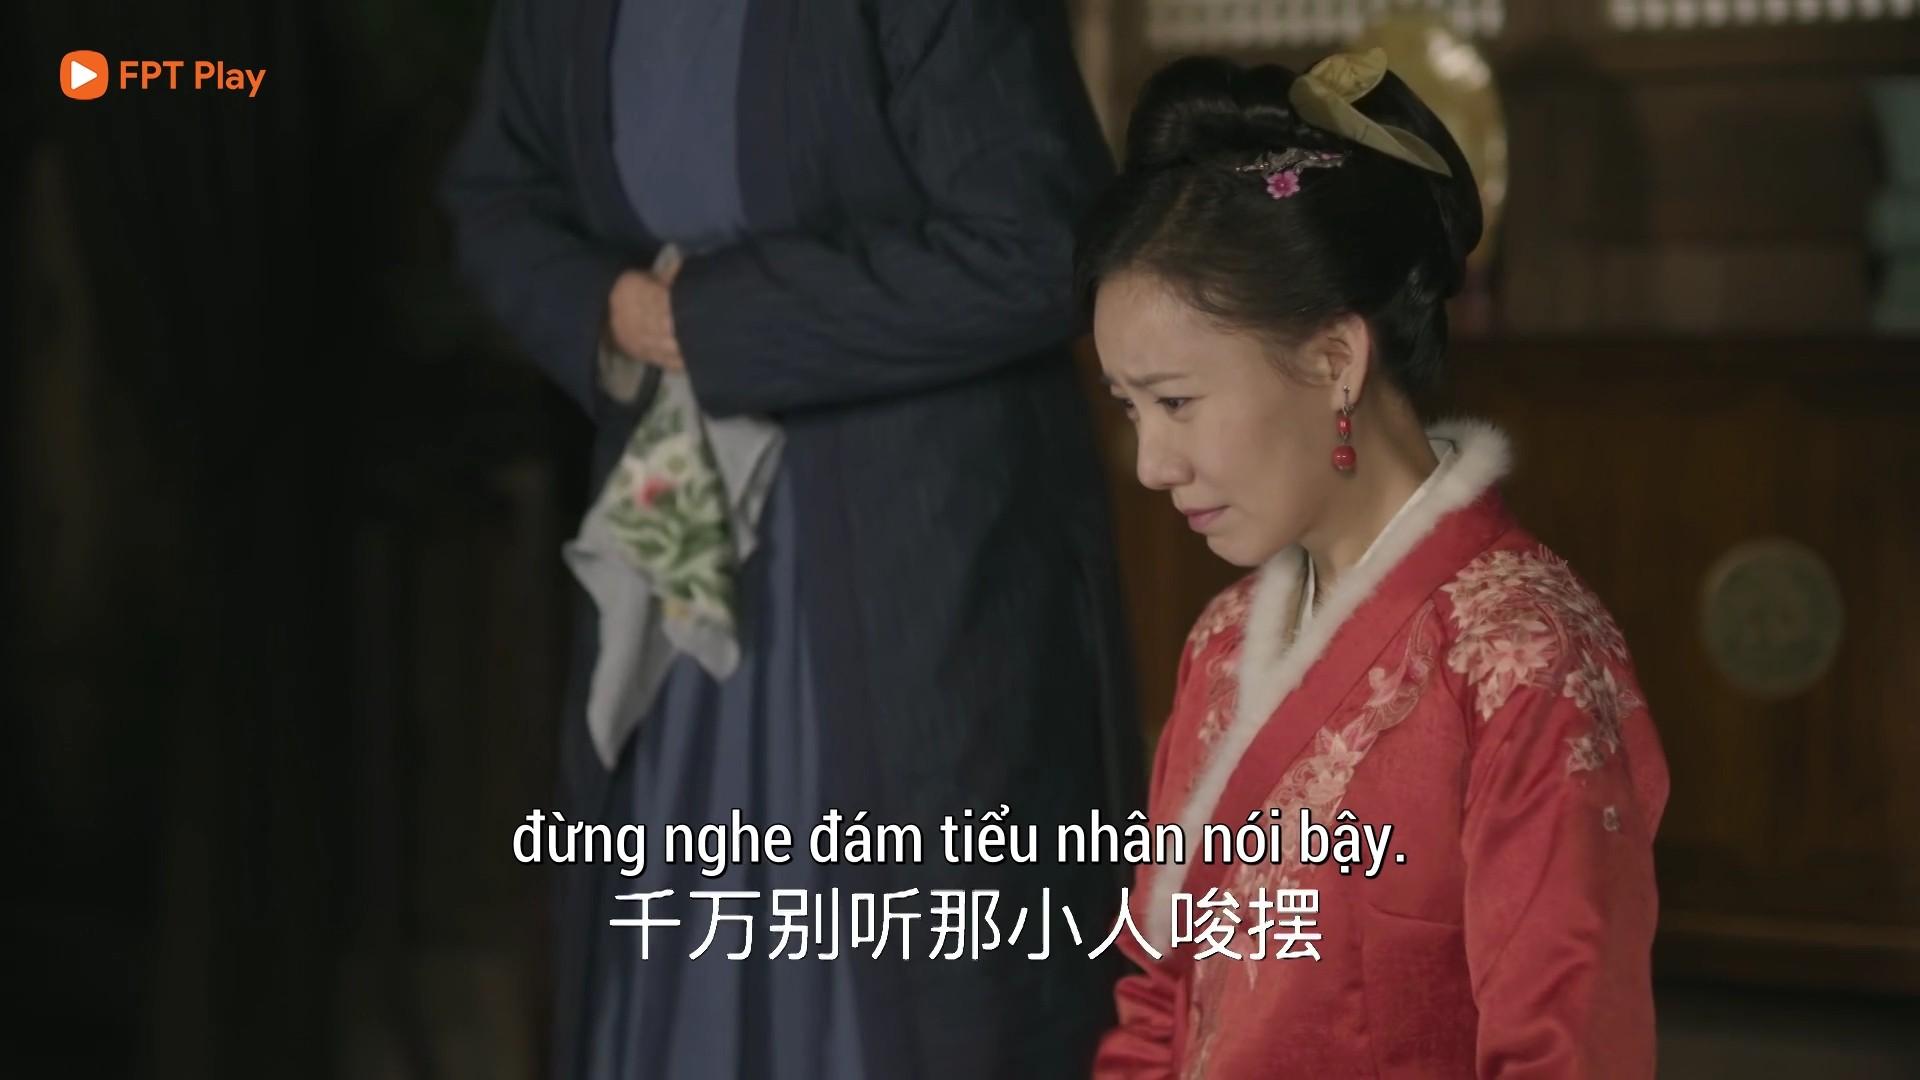 """Đẳng cấp làm việc nhóm của Minh Lan Truyện, già trẻ lớn bé hợp lực tiêu diệt """"hồ ly tinh"""" - Ảnh 2."""